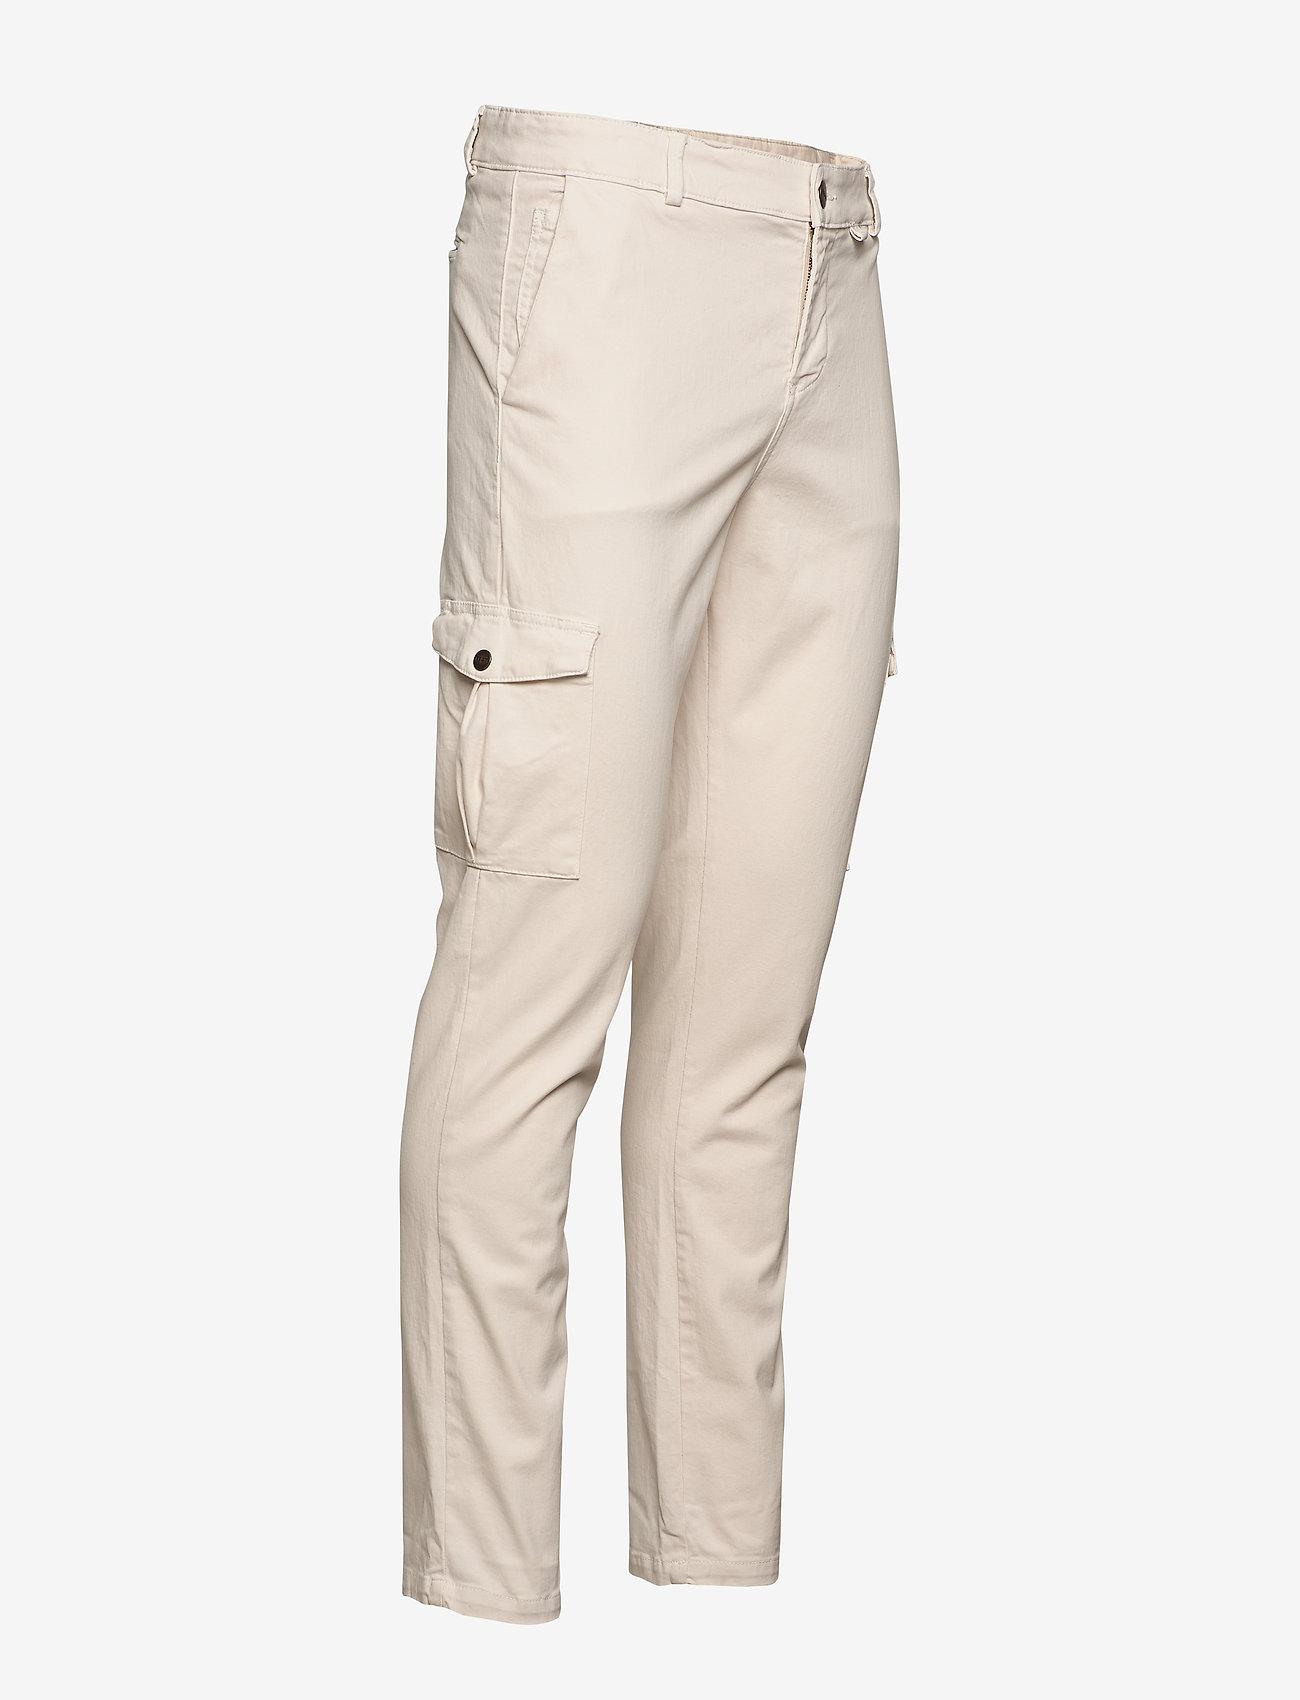 FRAM Parcel Cargo Chino - Bukser WHITE ASPARAGUS - Menn Klær